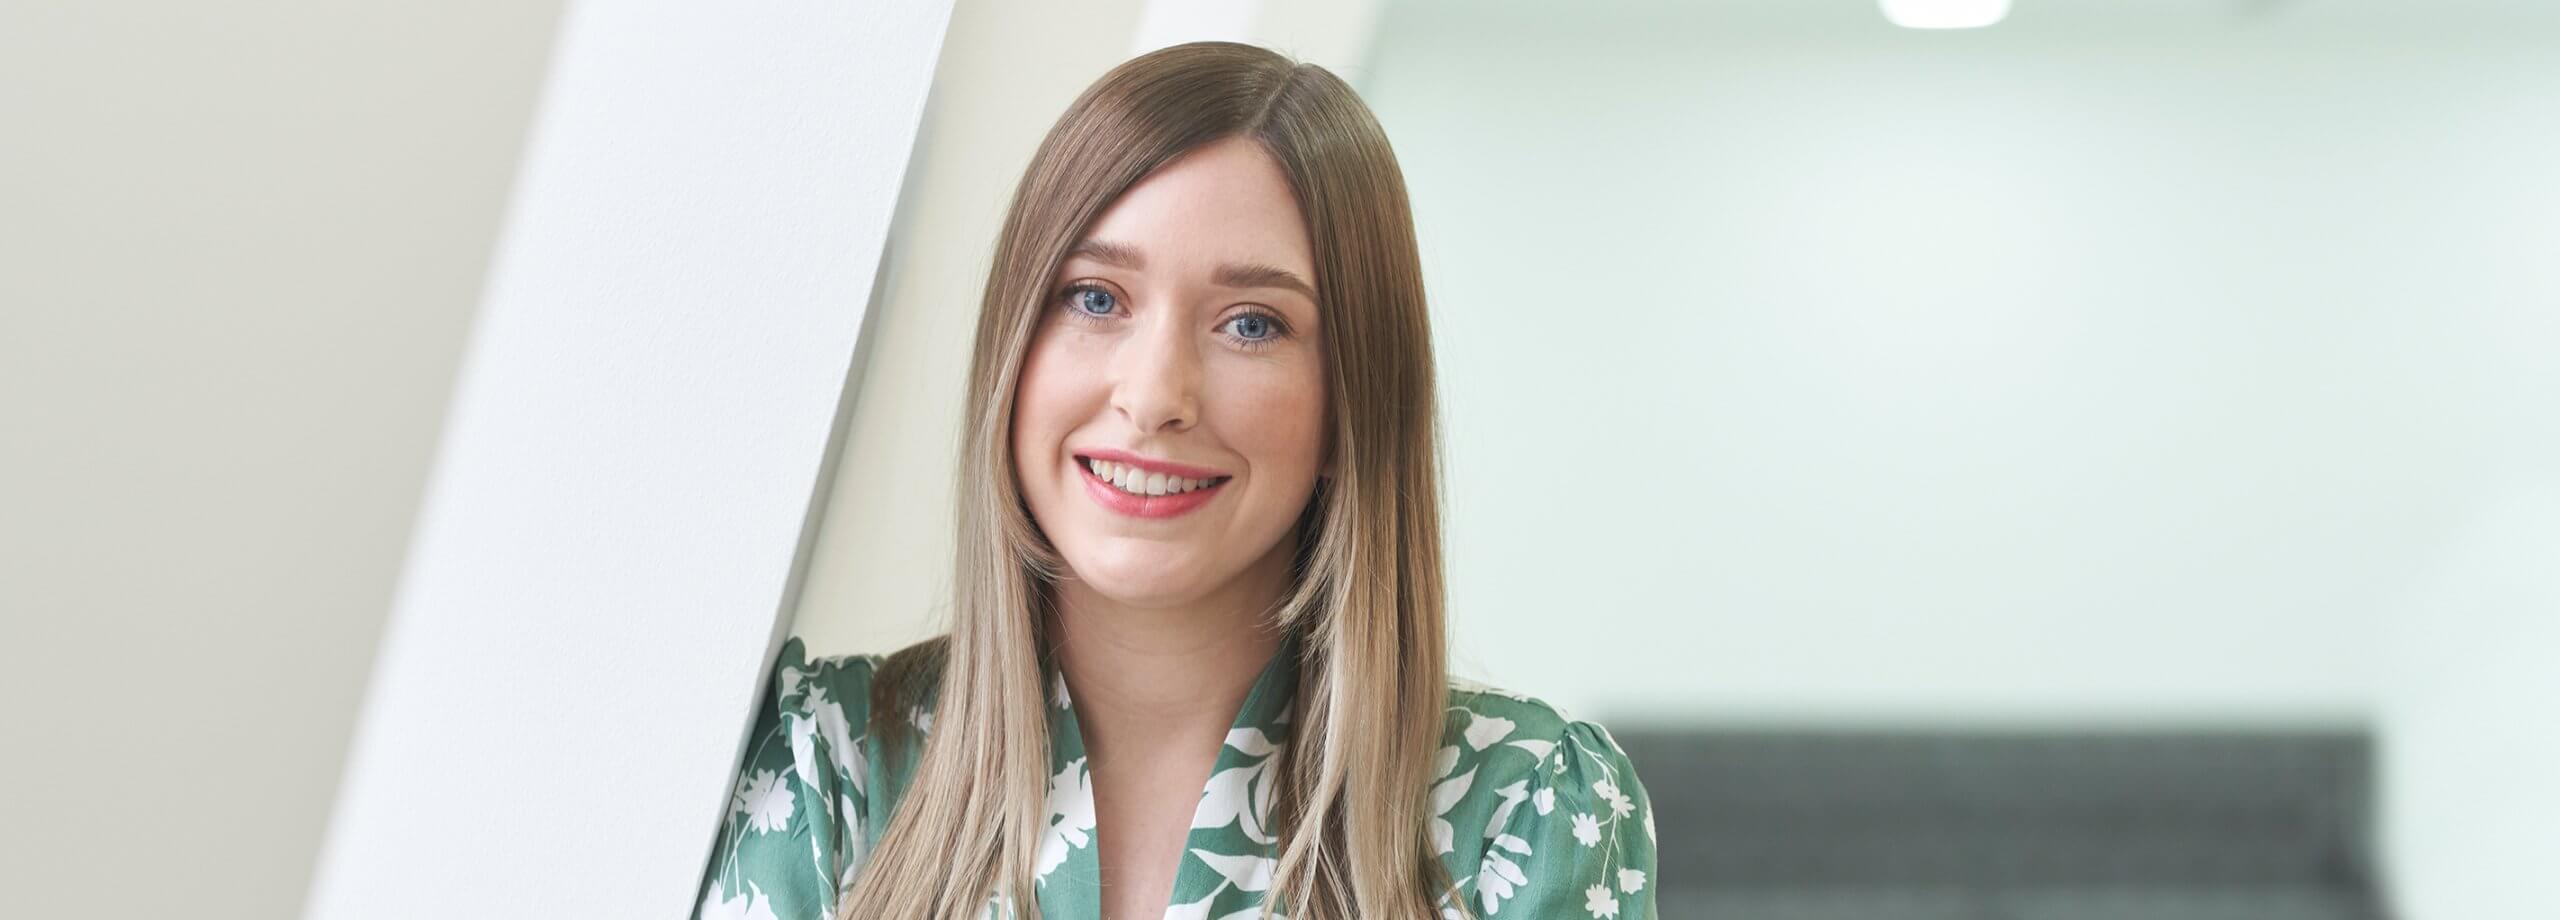 Portrait of Sophie Cookson